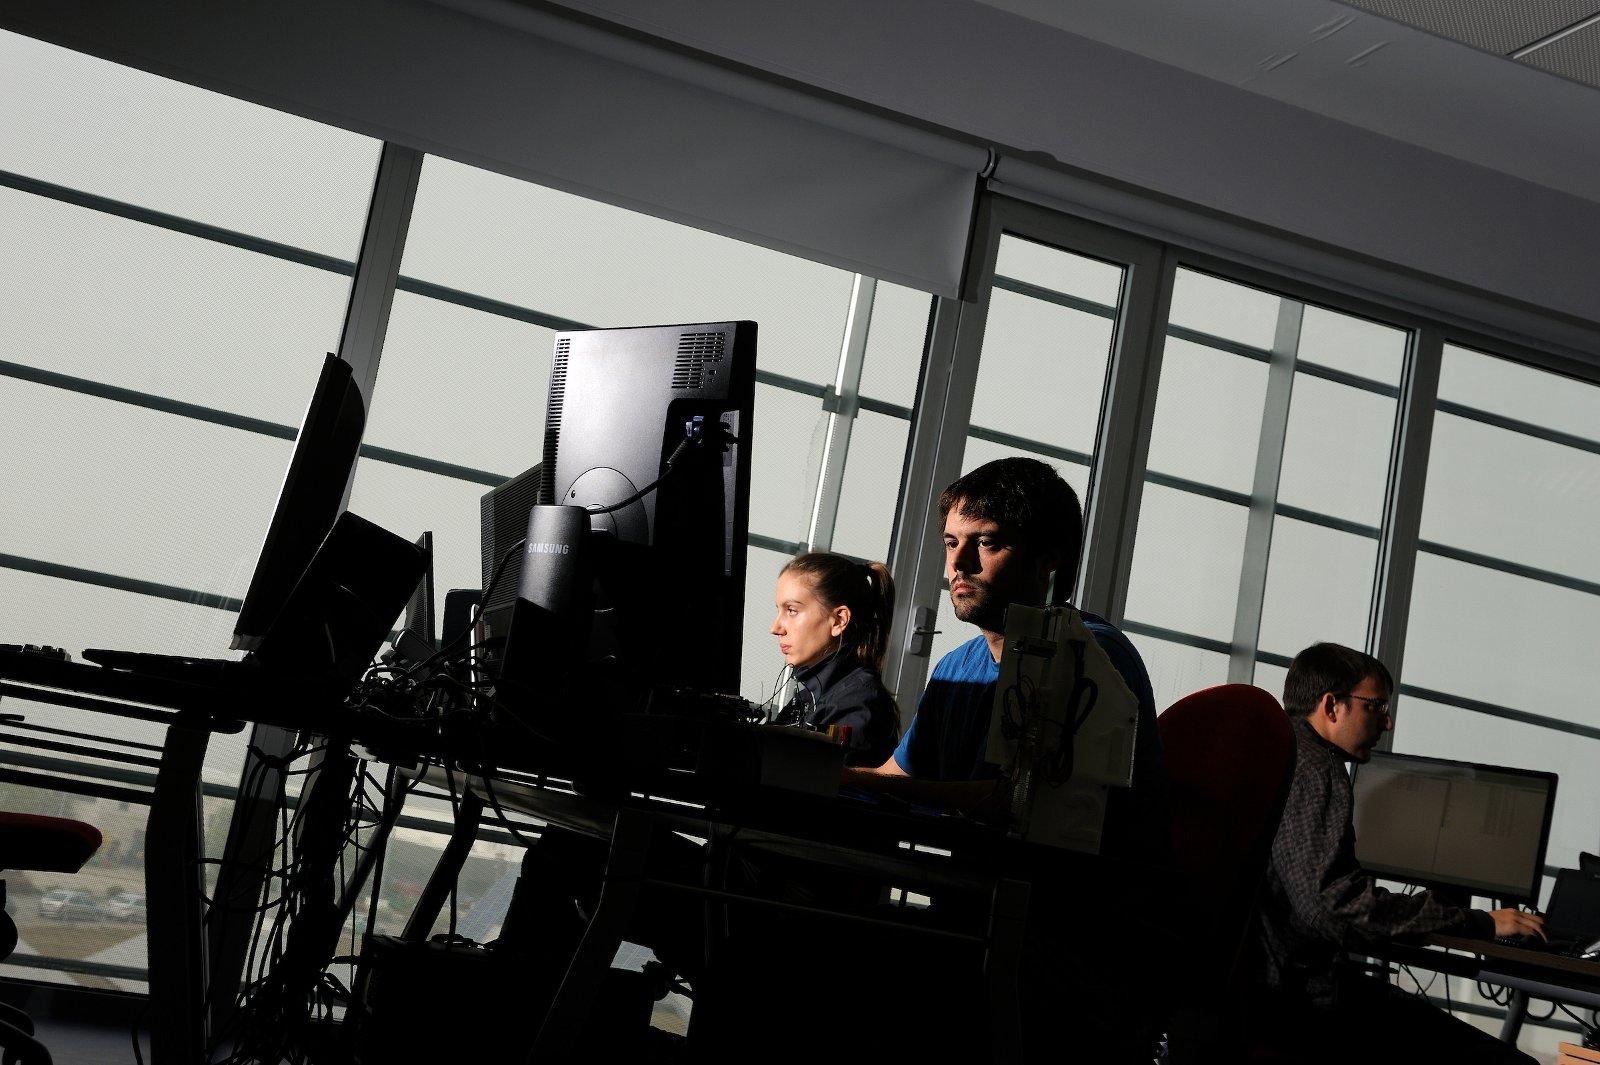 centro-tecnologico-galicia